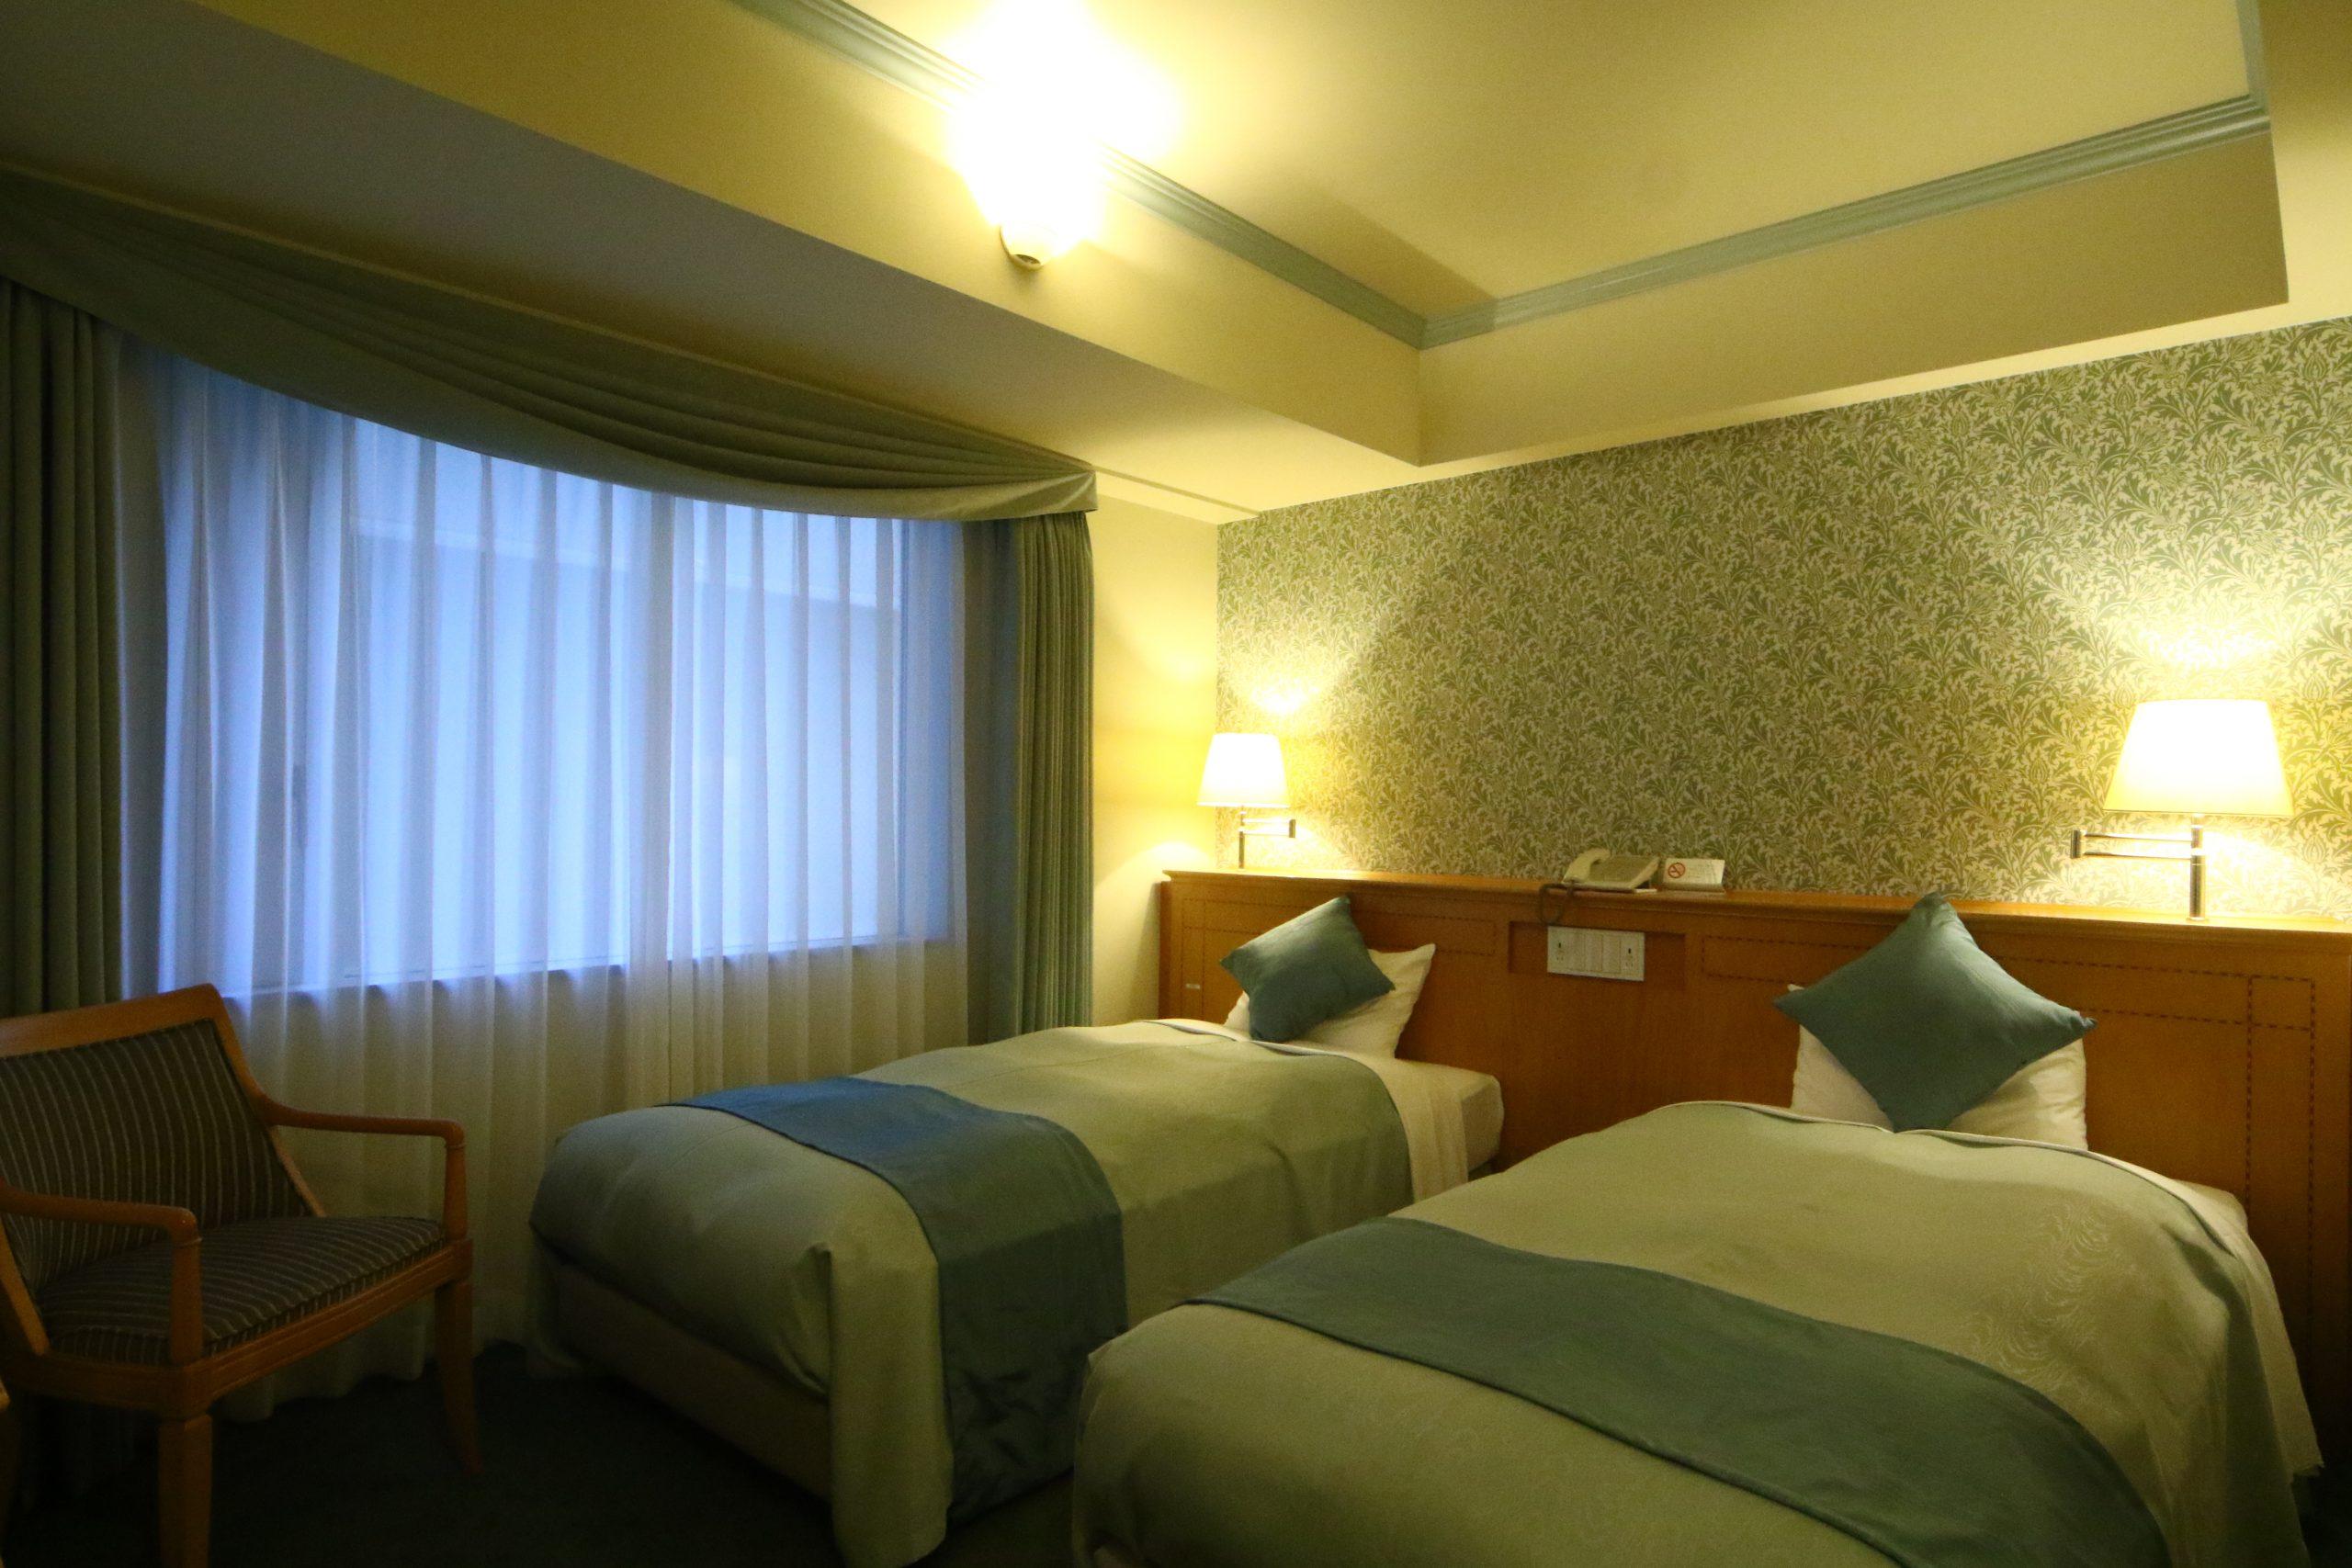 コンフォートツイン|札幌クラッセホテル